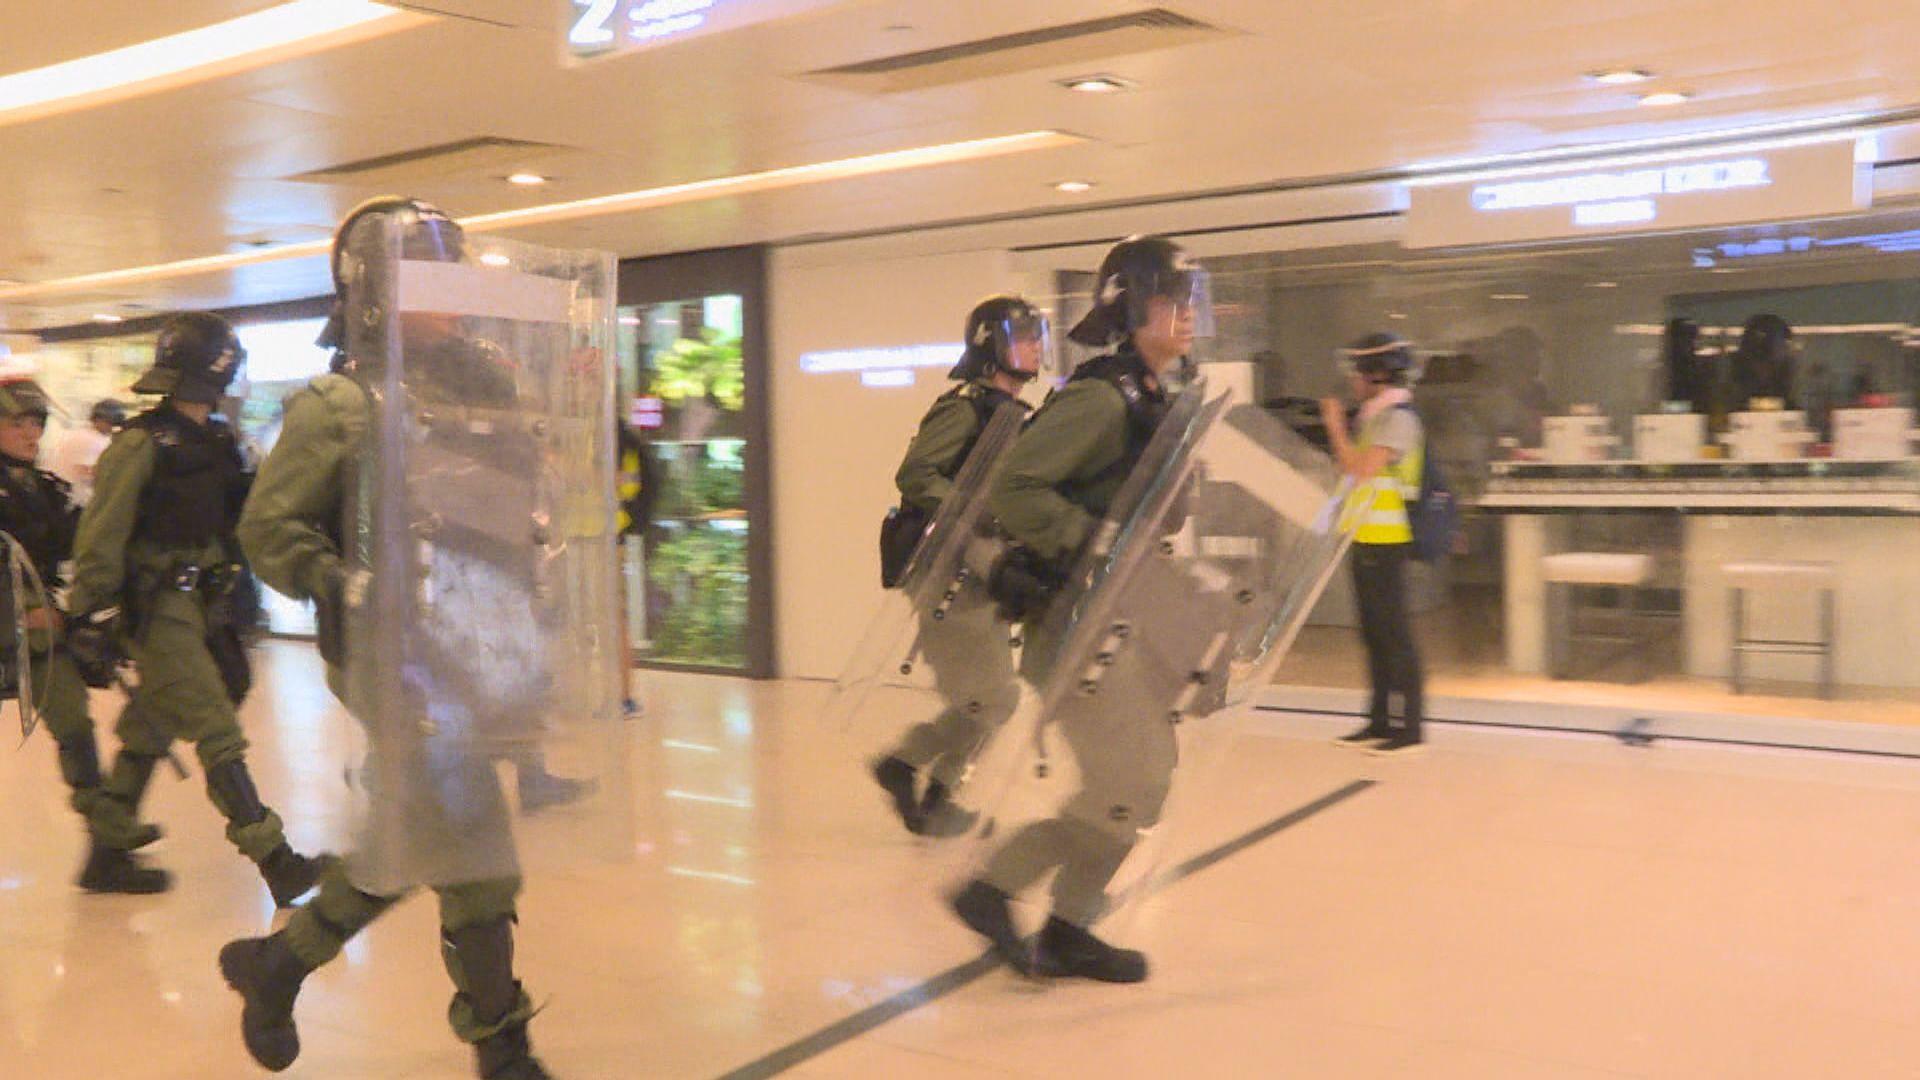 新城市廣場:警方有權在商場內執行職務 毋須事先通知